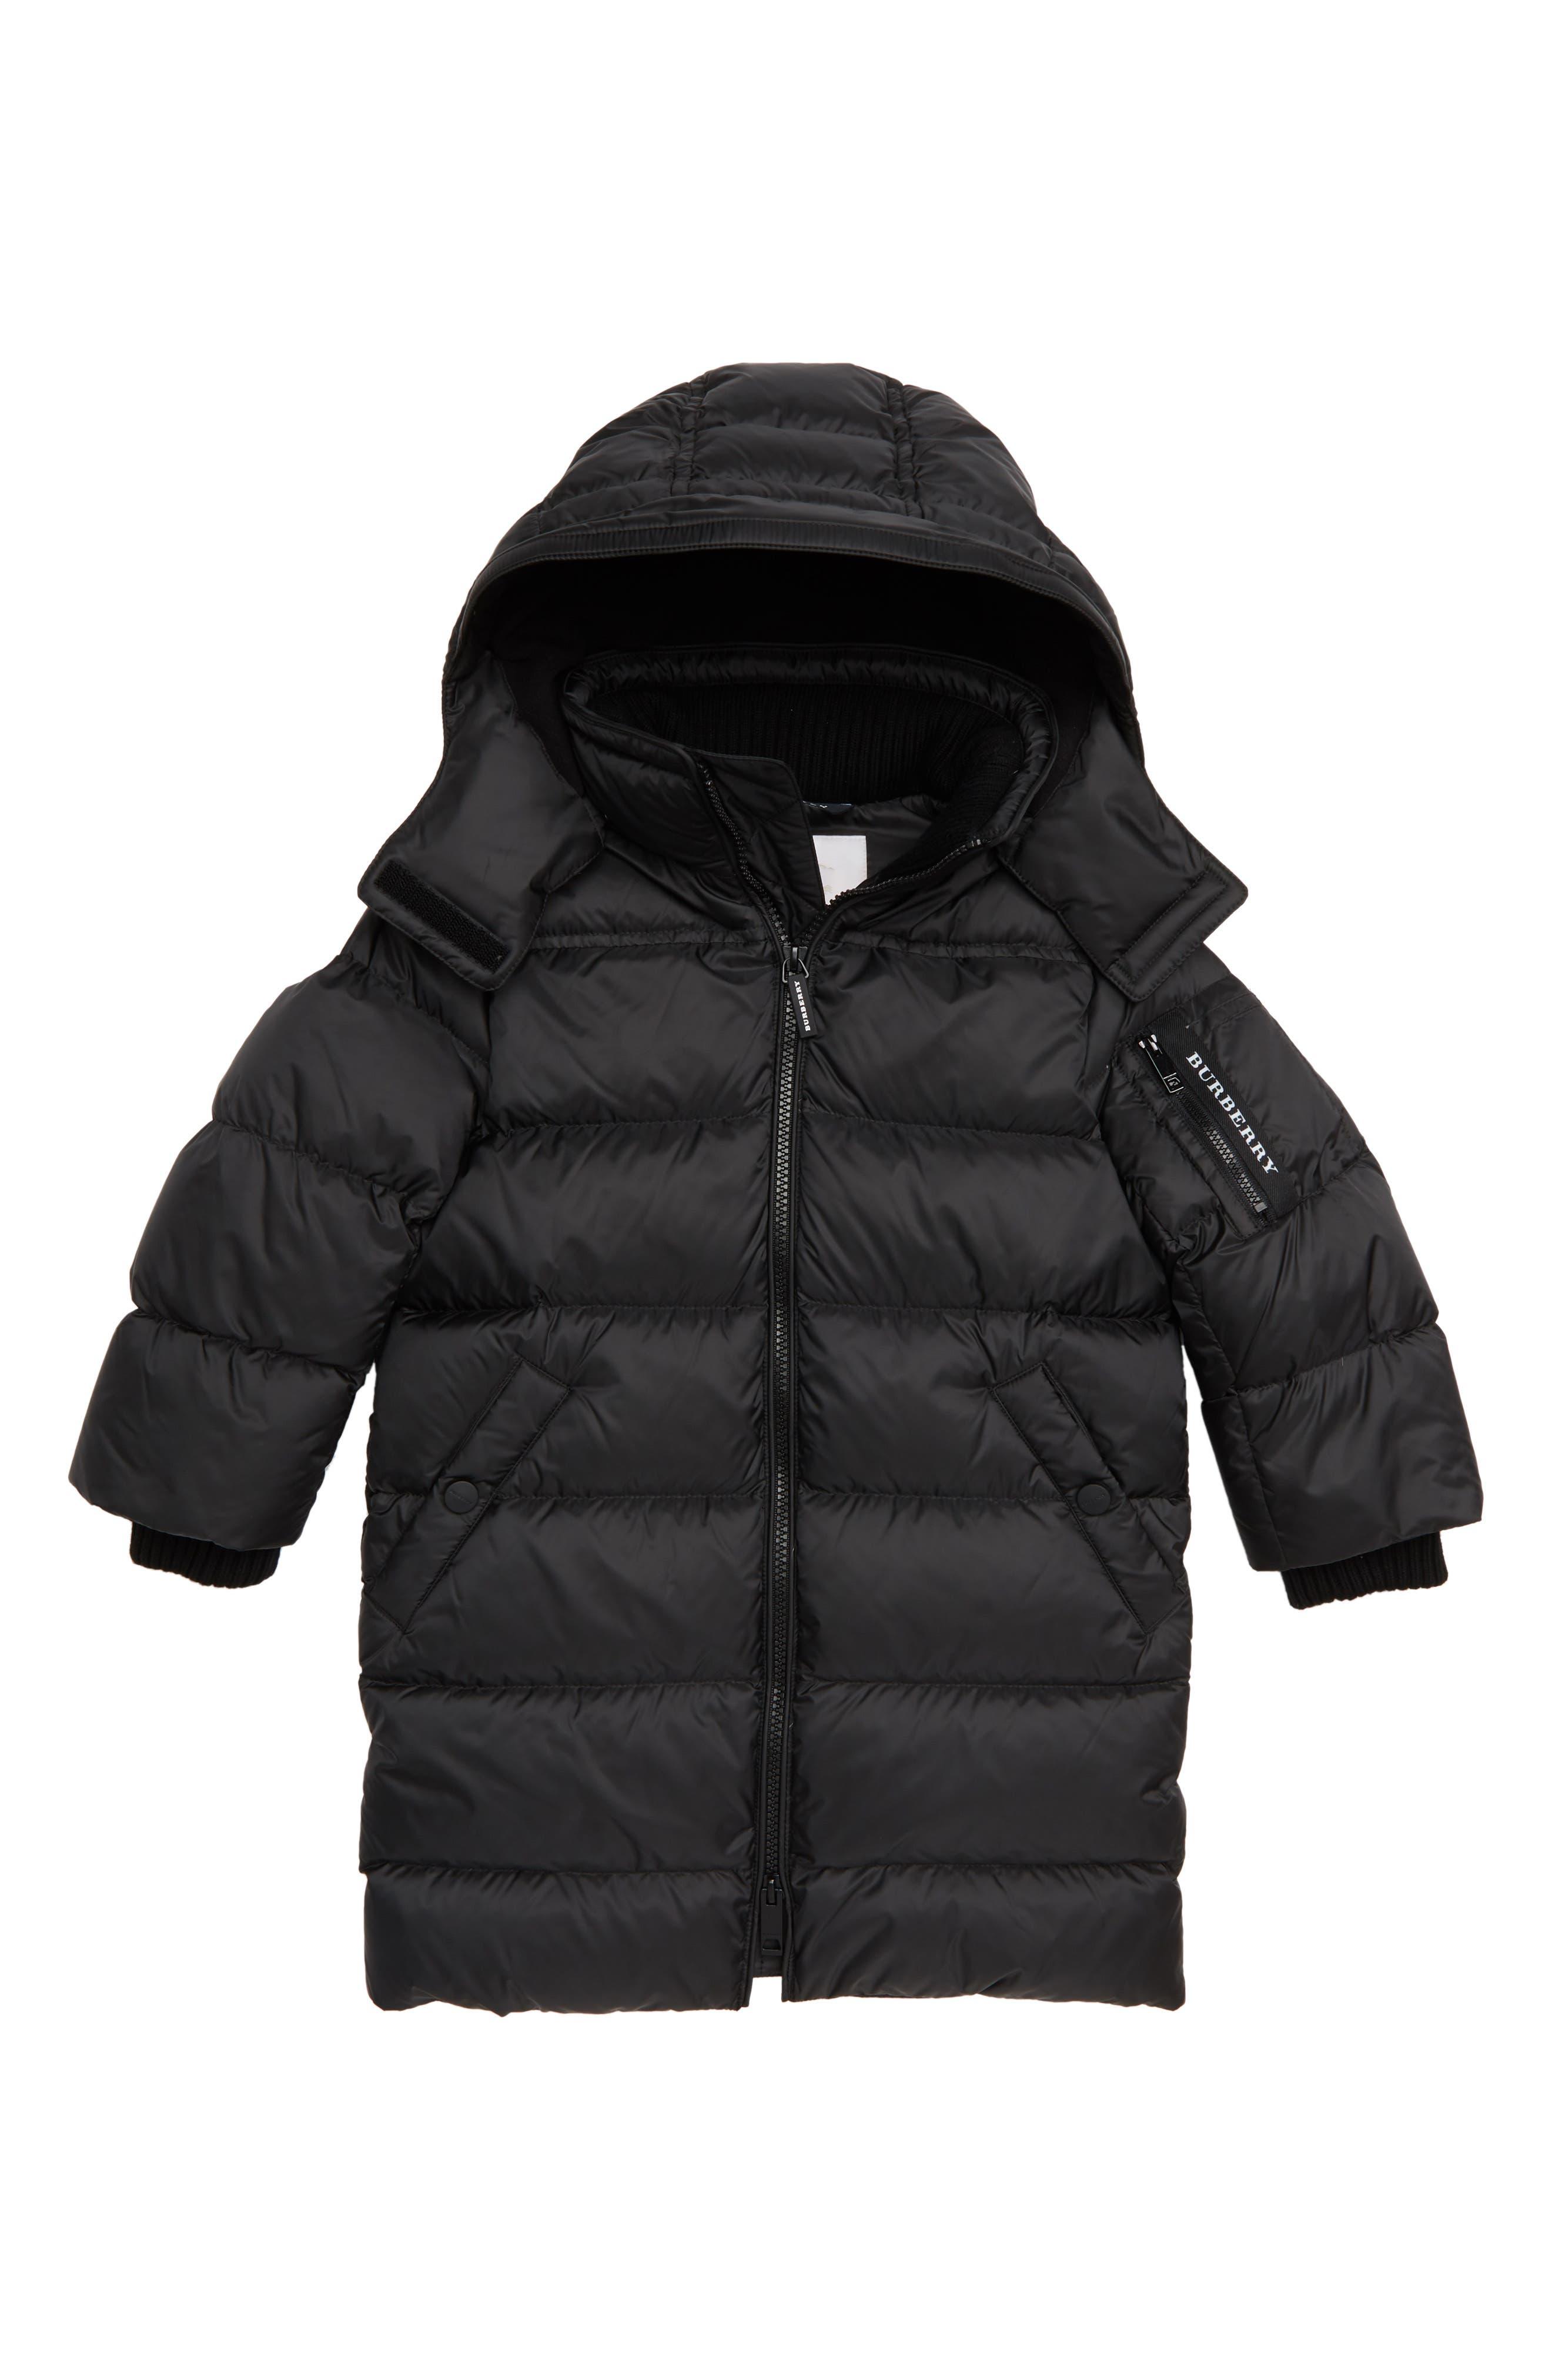 Waterproof Down Puffer Coat,                             Main thumbnail 1, color,                             BLACK